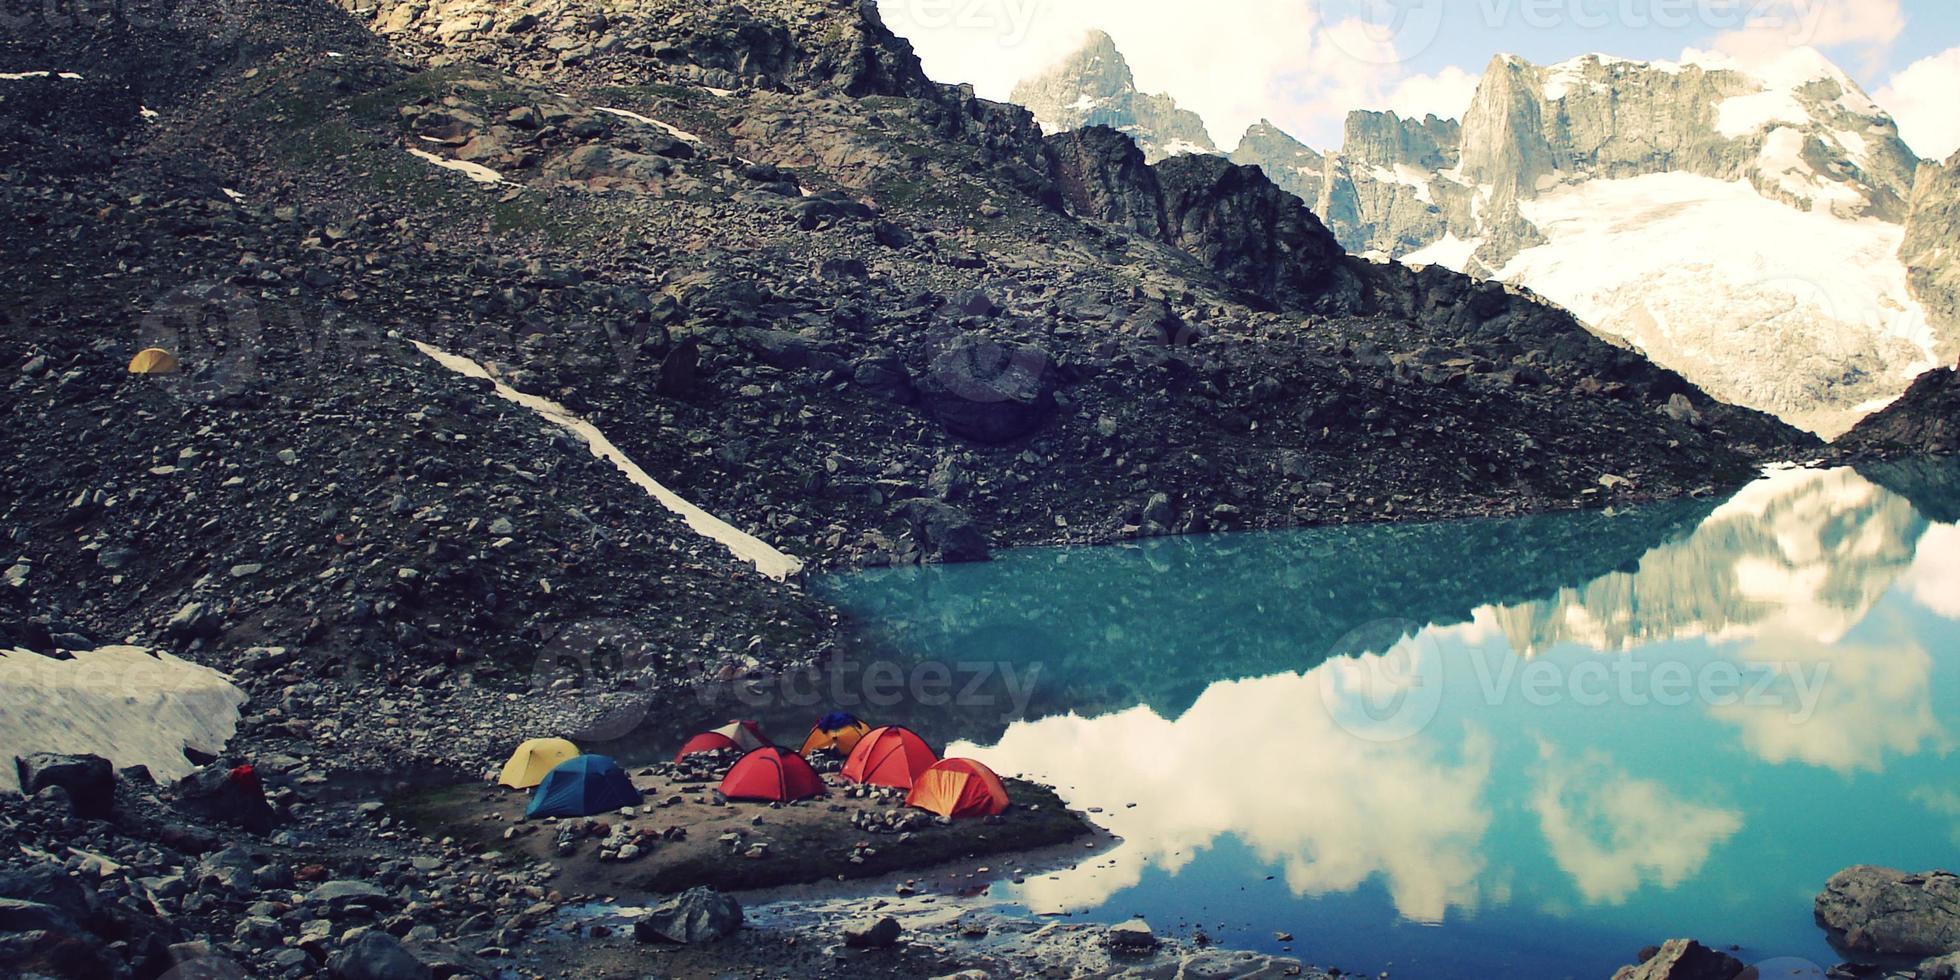 Campingplatz in der Nähe von Alpsee See Vintage-Effekt. bunte Zelte. Kaukasus. foto